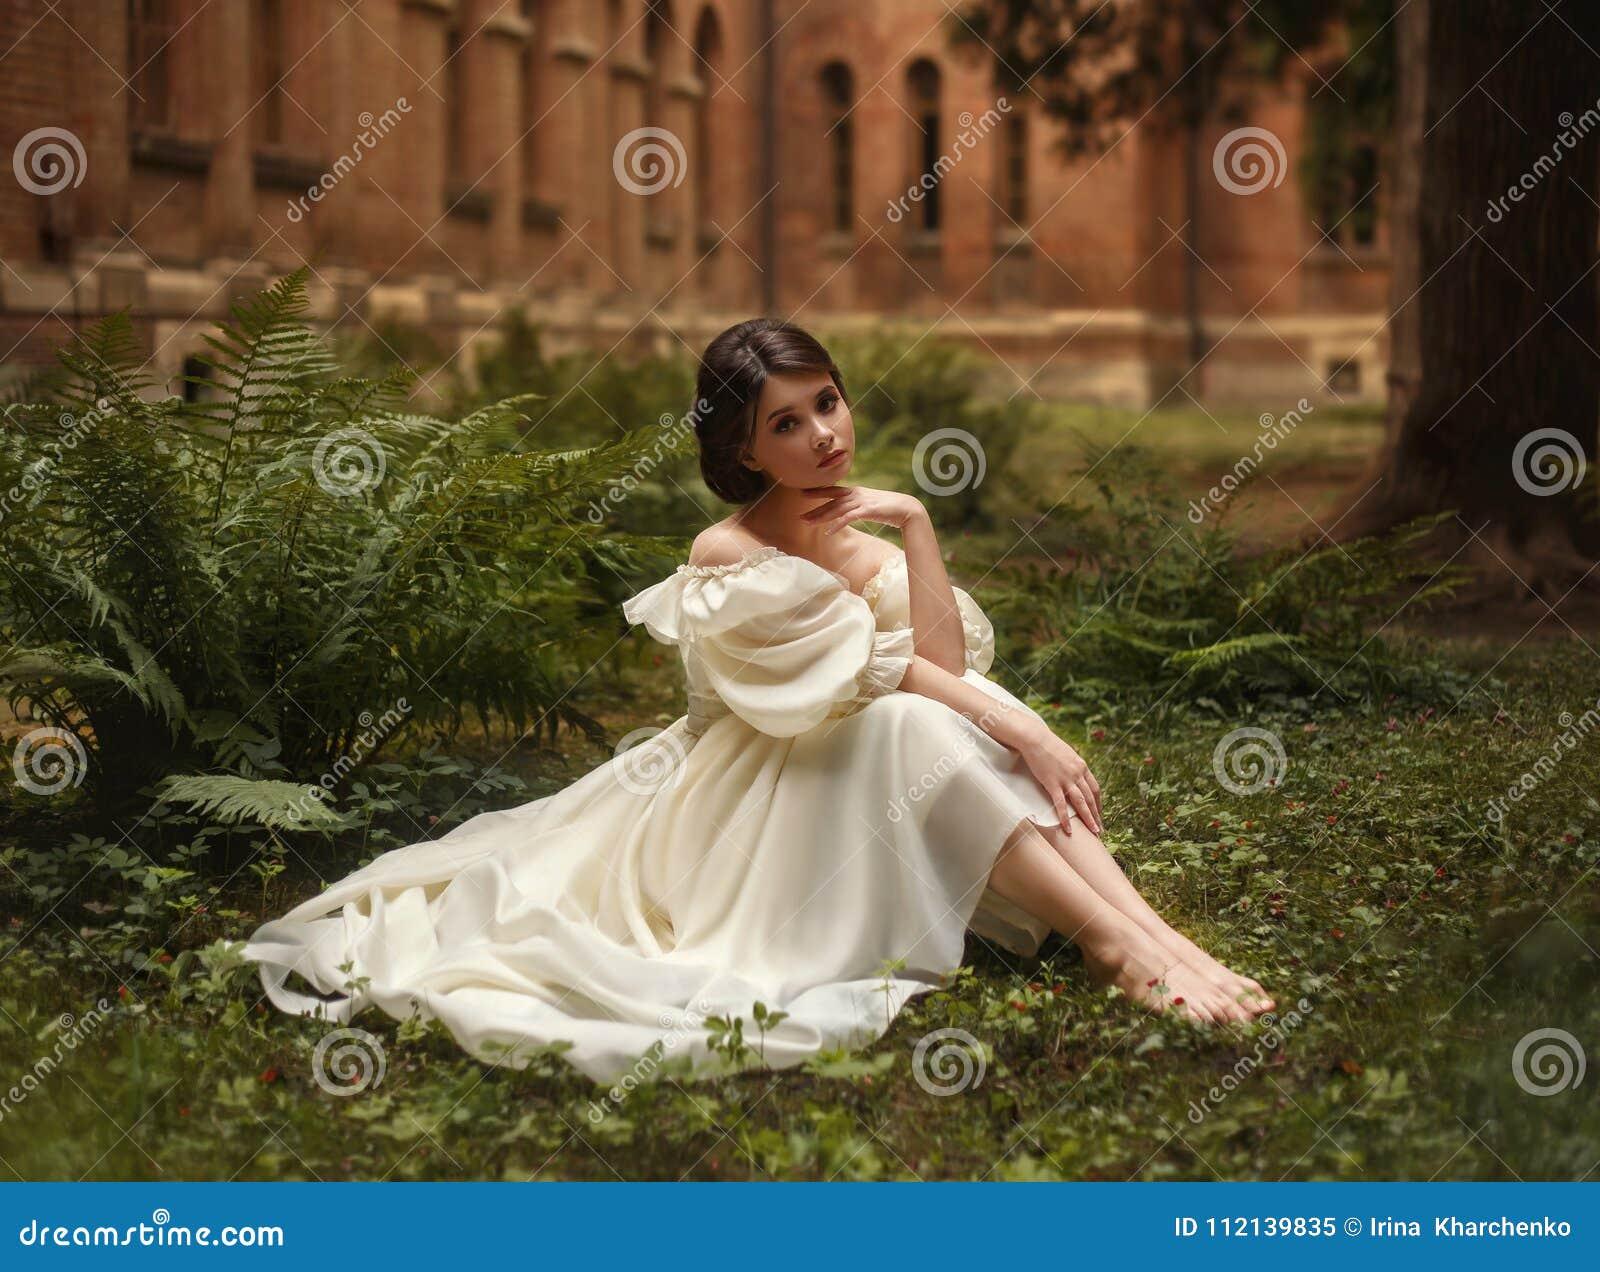 一位难以置信地美丽的公主在蕨和青苔中的城堡庭院里坐 一张美妙地幼稚面孔和